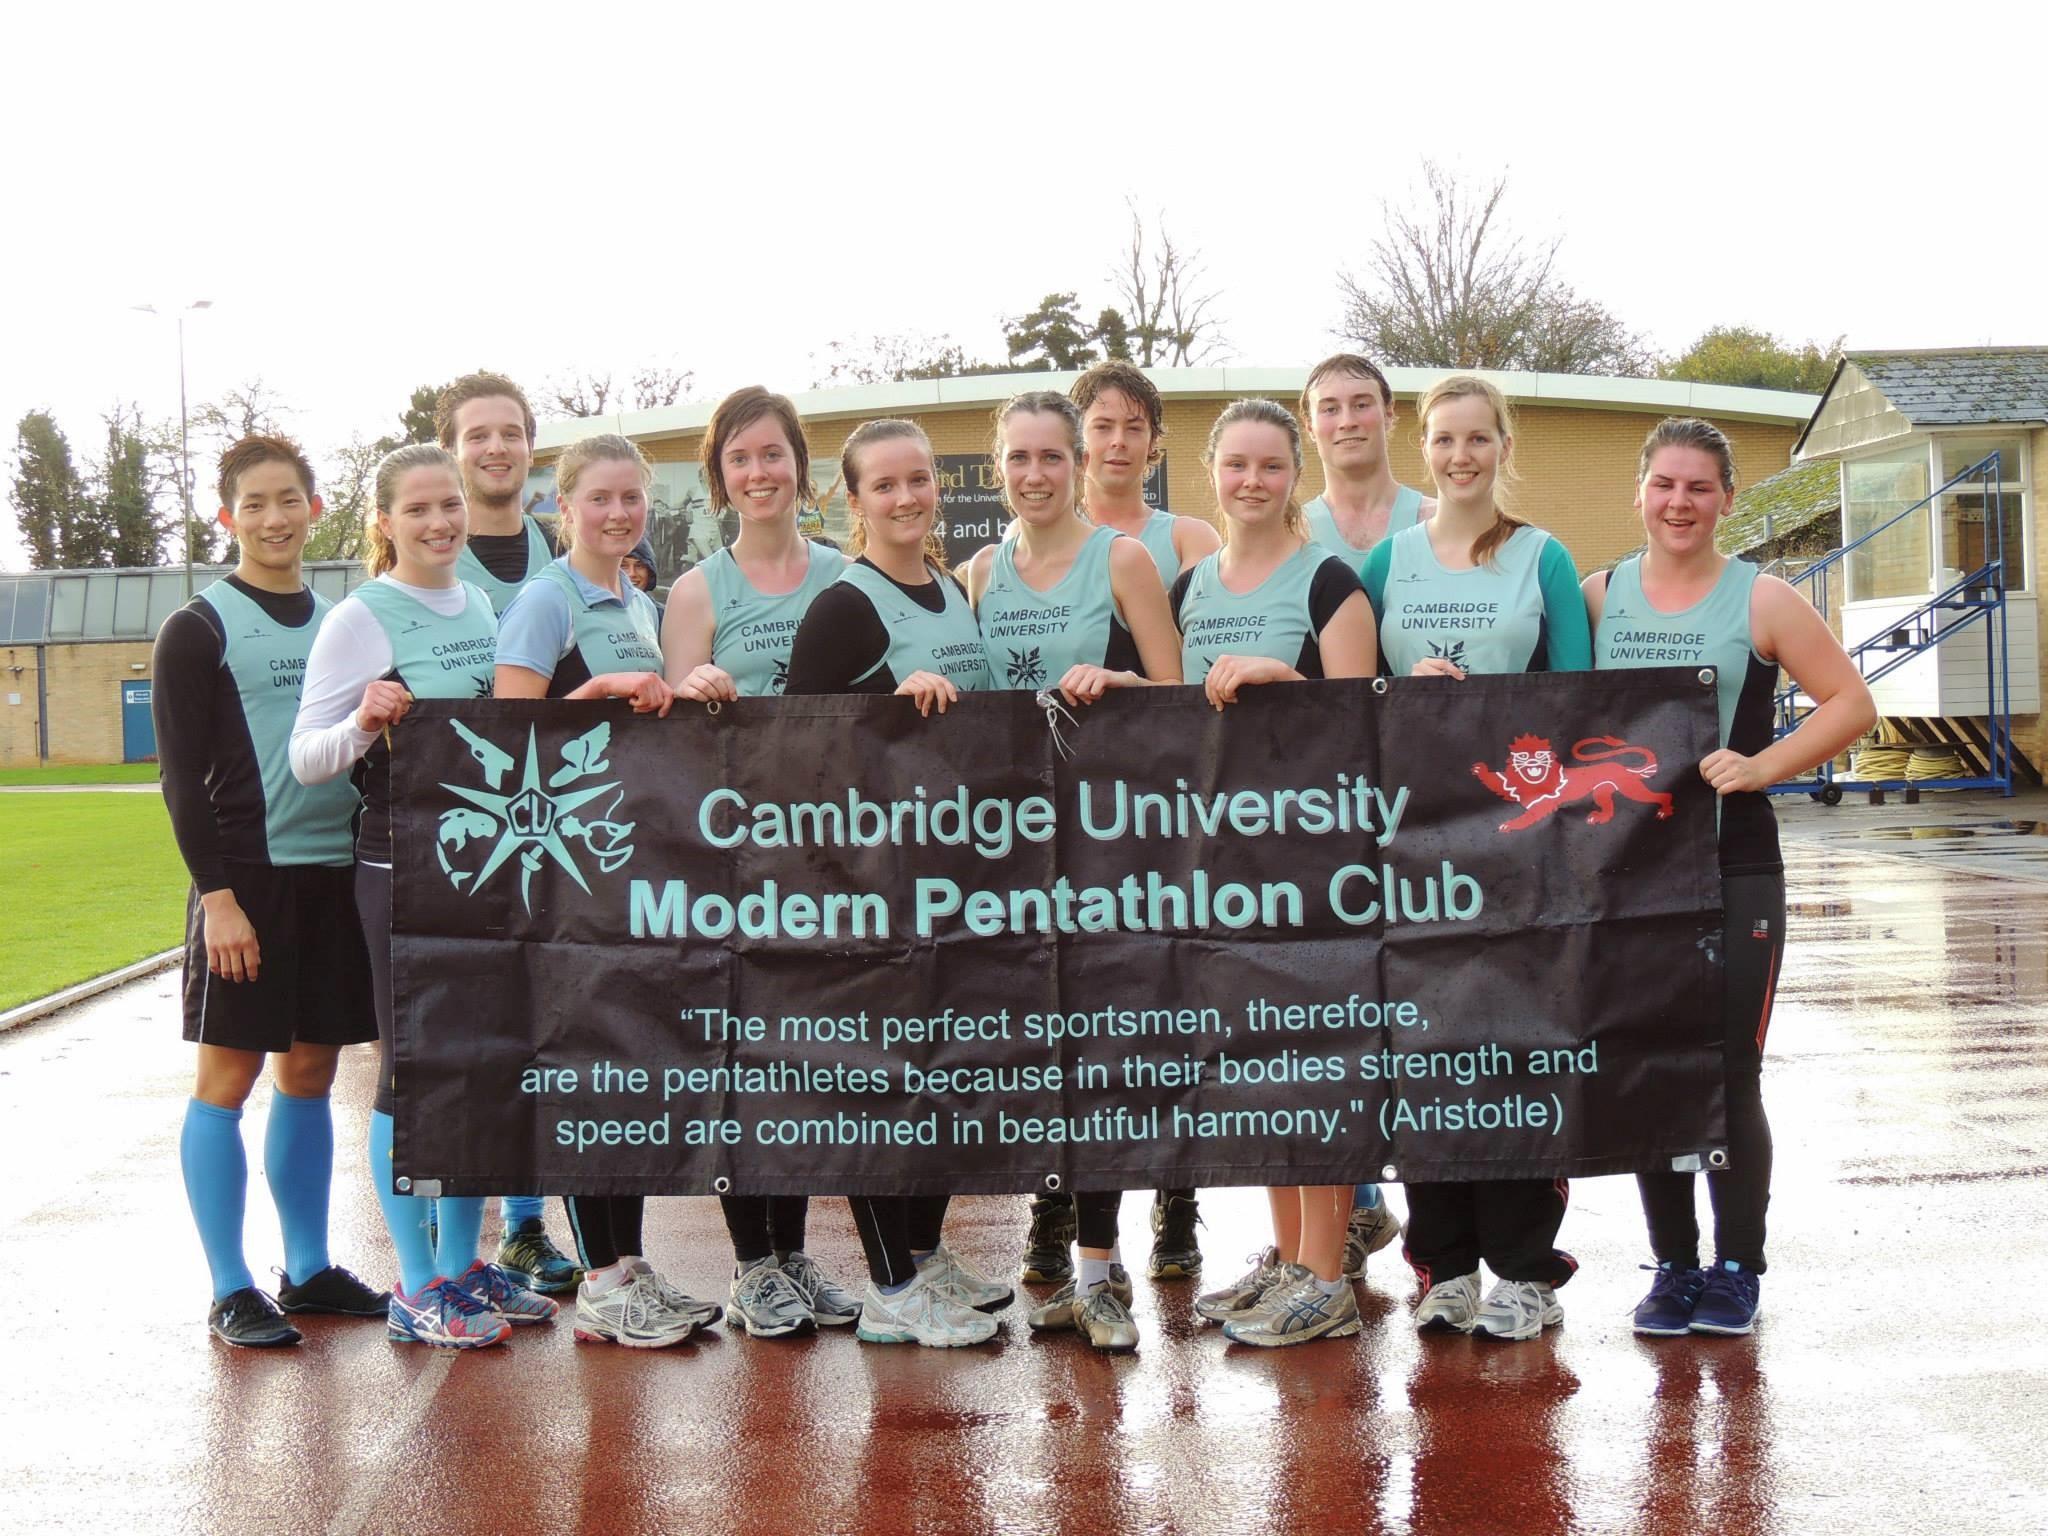 The Cambridge teams at Novice Varsity 2014 held in Oxford.